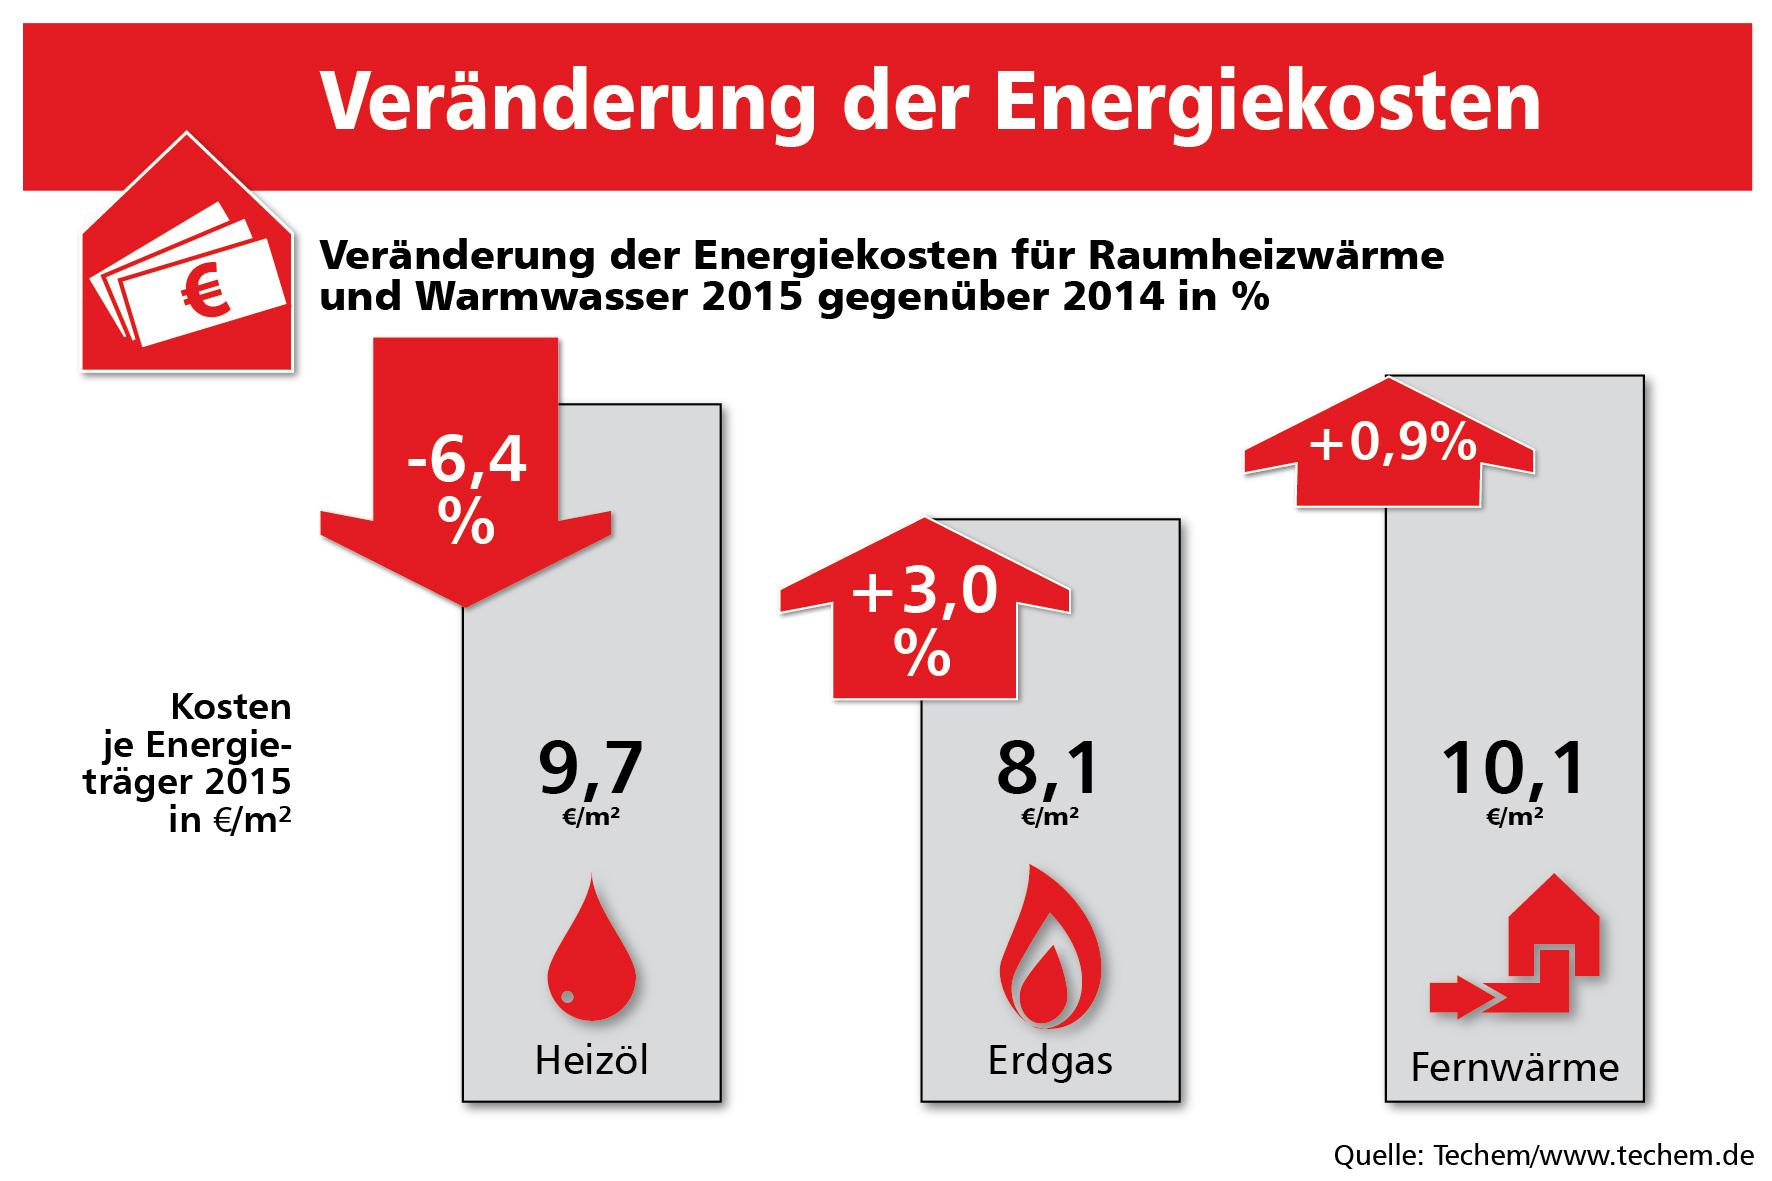 Durchschnittlicher verbrauch fernwarme kwh